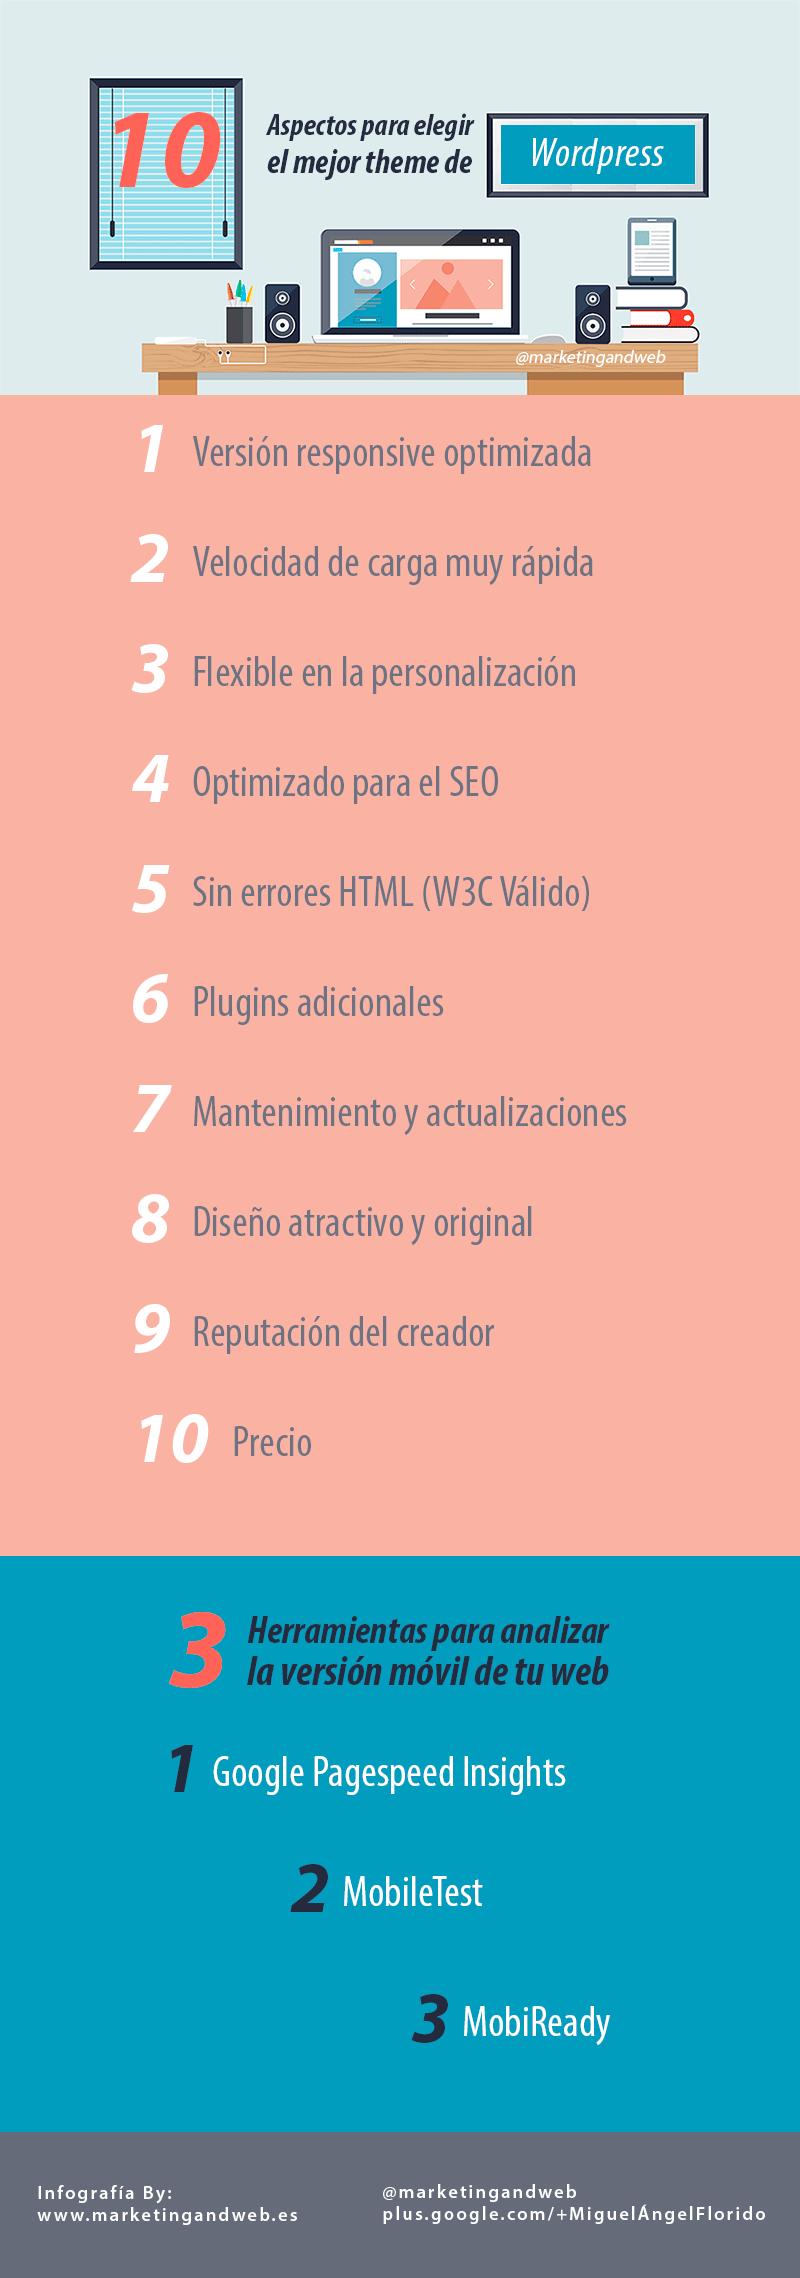 themeforest aspectos para elegir el mejor theme de wordpress infografía